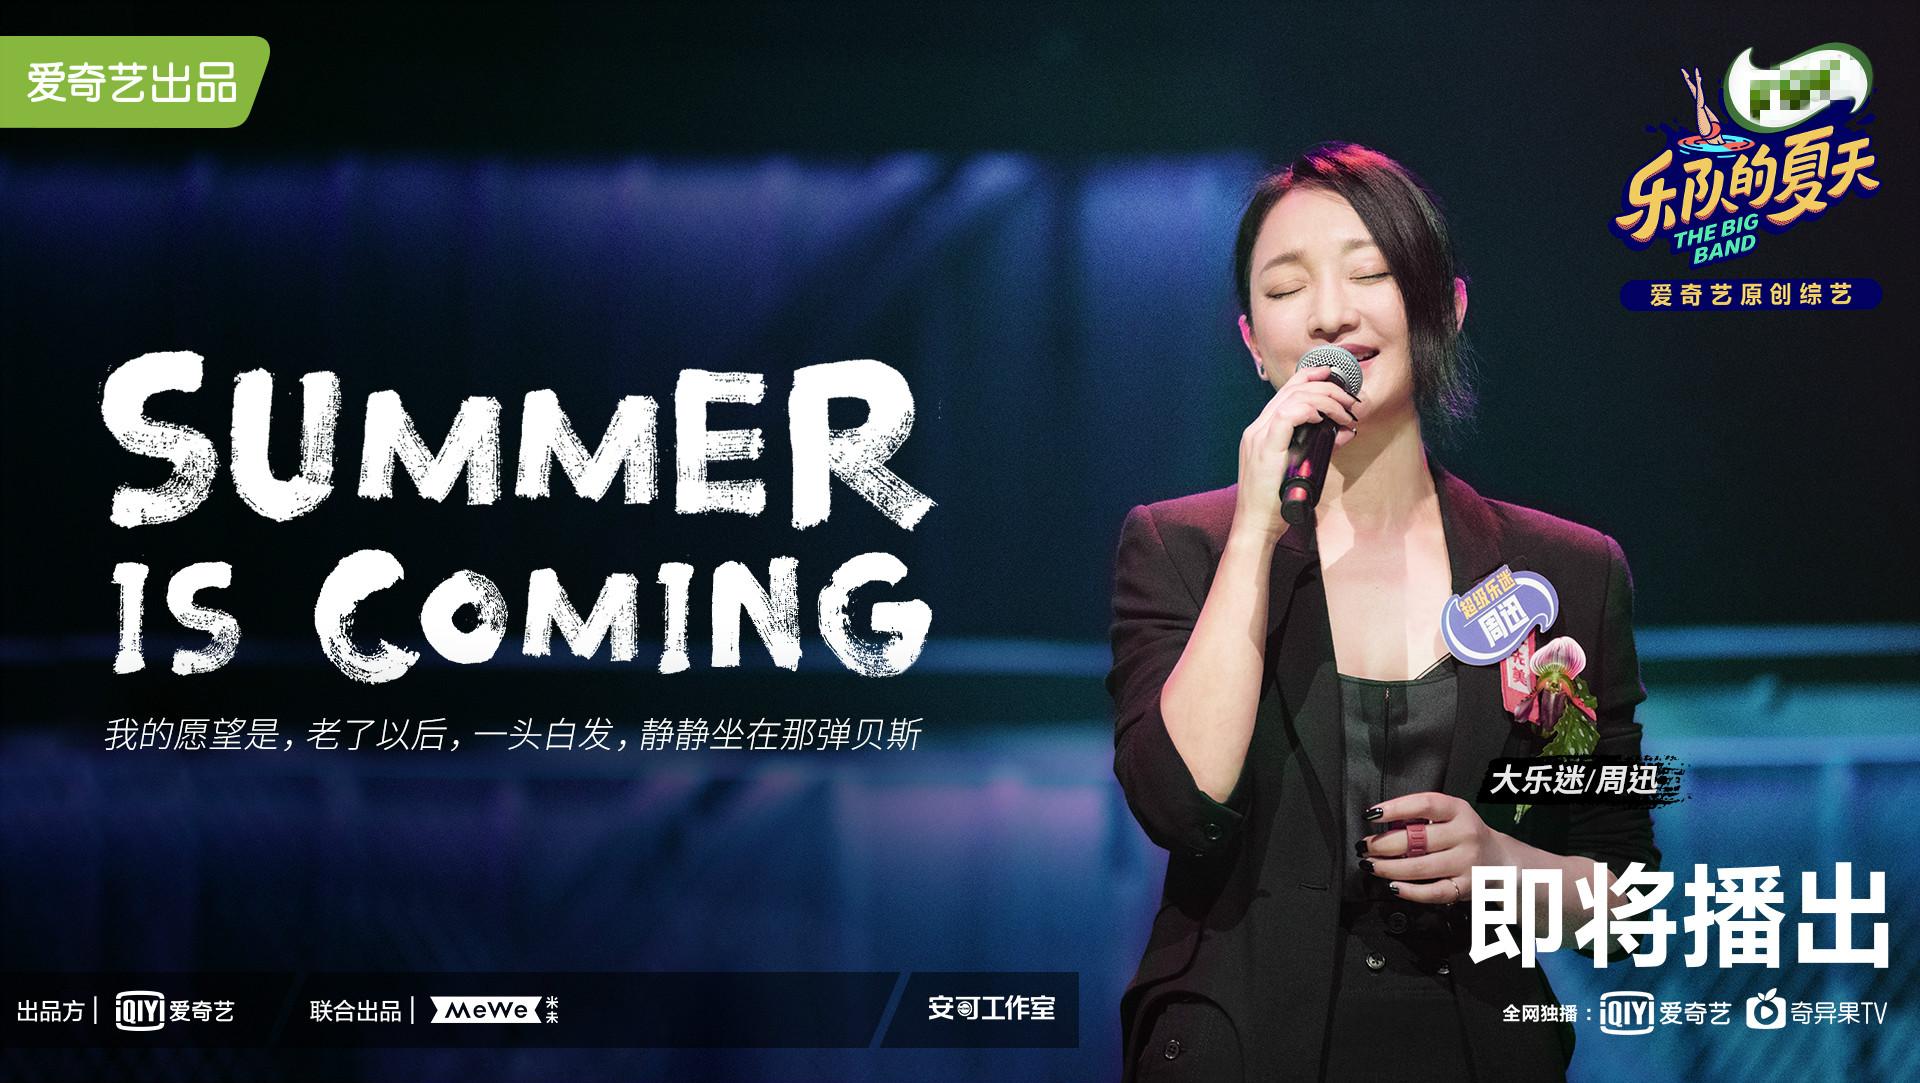 【杏悦】周迅加盟乐队的夏天第二季担任杏悦超级大图片